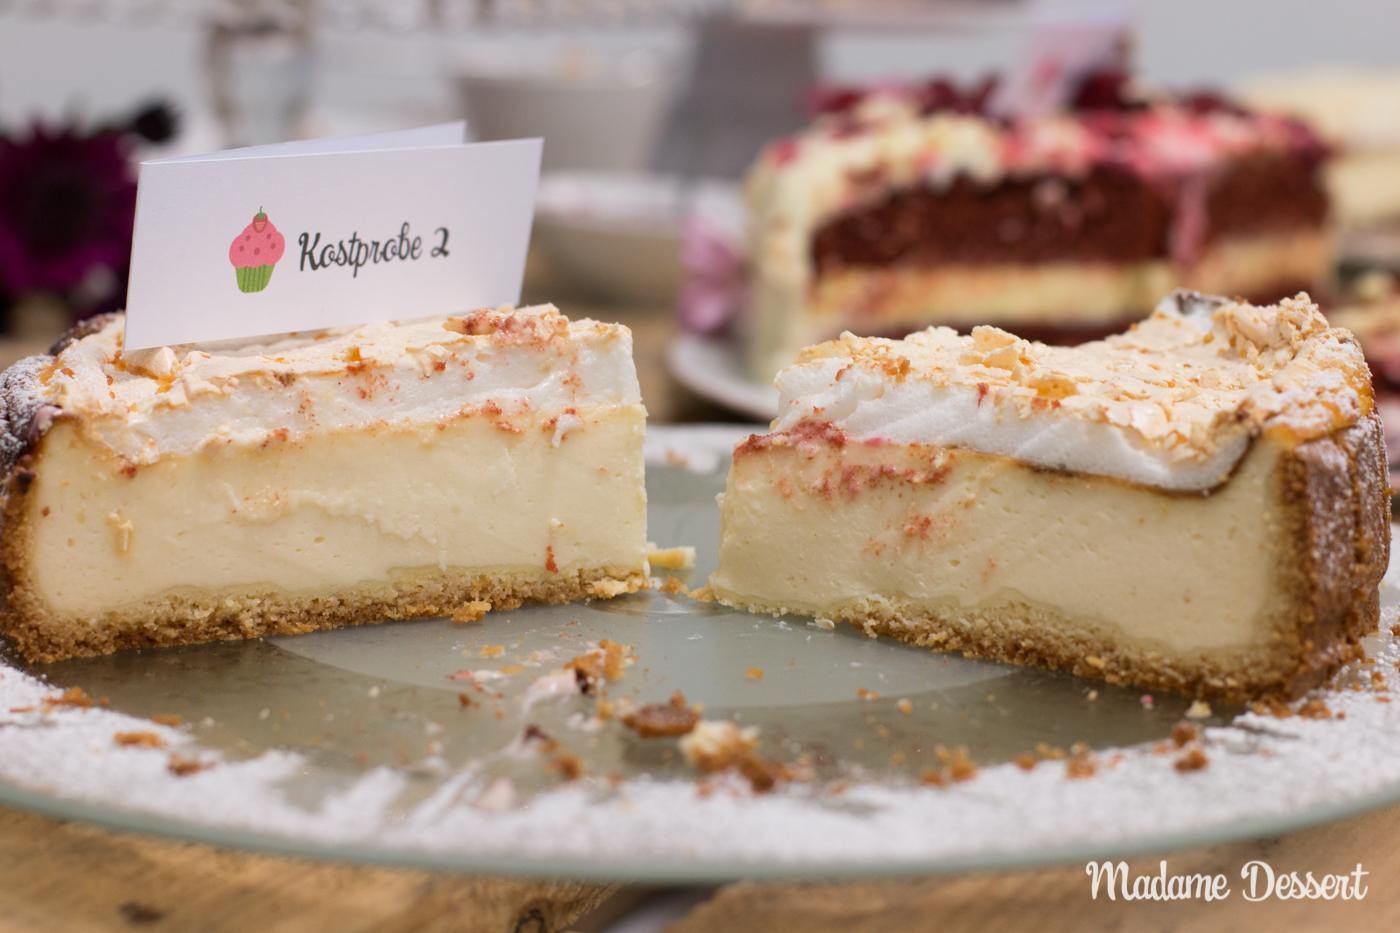 CheeseCakeOff – Käsekuchen & Cheesecake Variationen | Goldtröpfchen | Madame Dessert